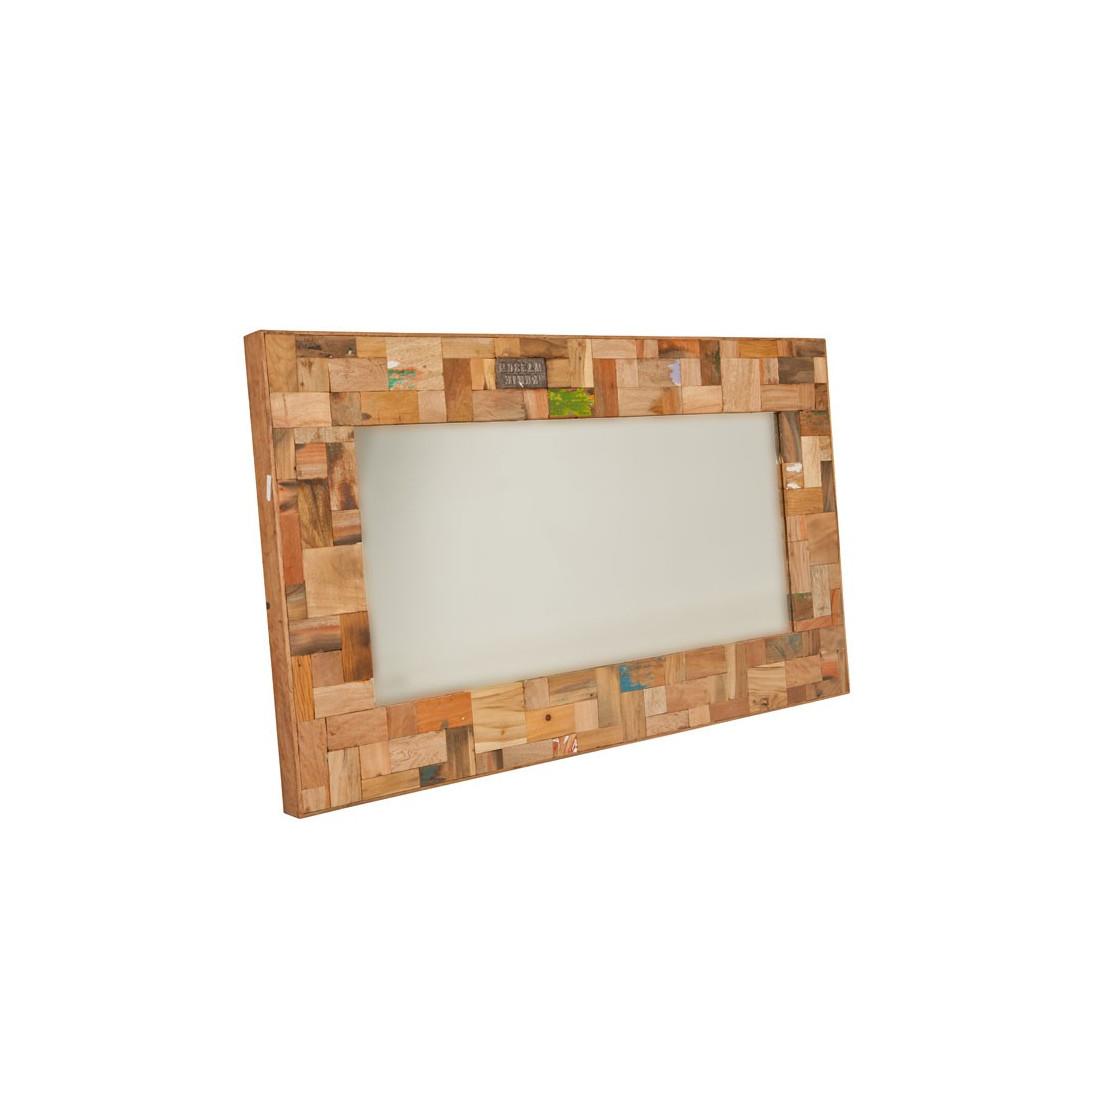 Miroir 120 cm industry univers d coration tousmesmeubles for Miroir rectangulaire 120 cm